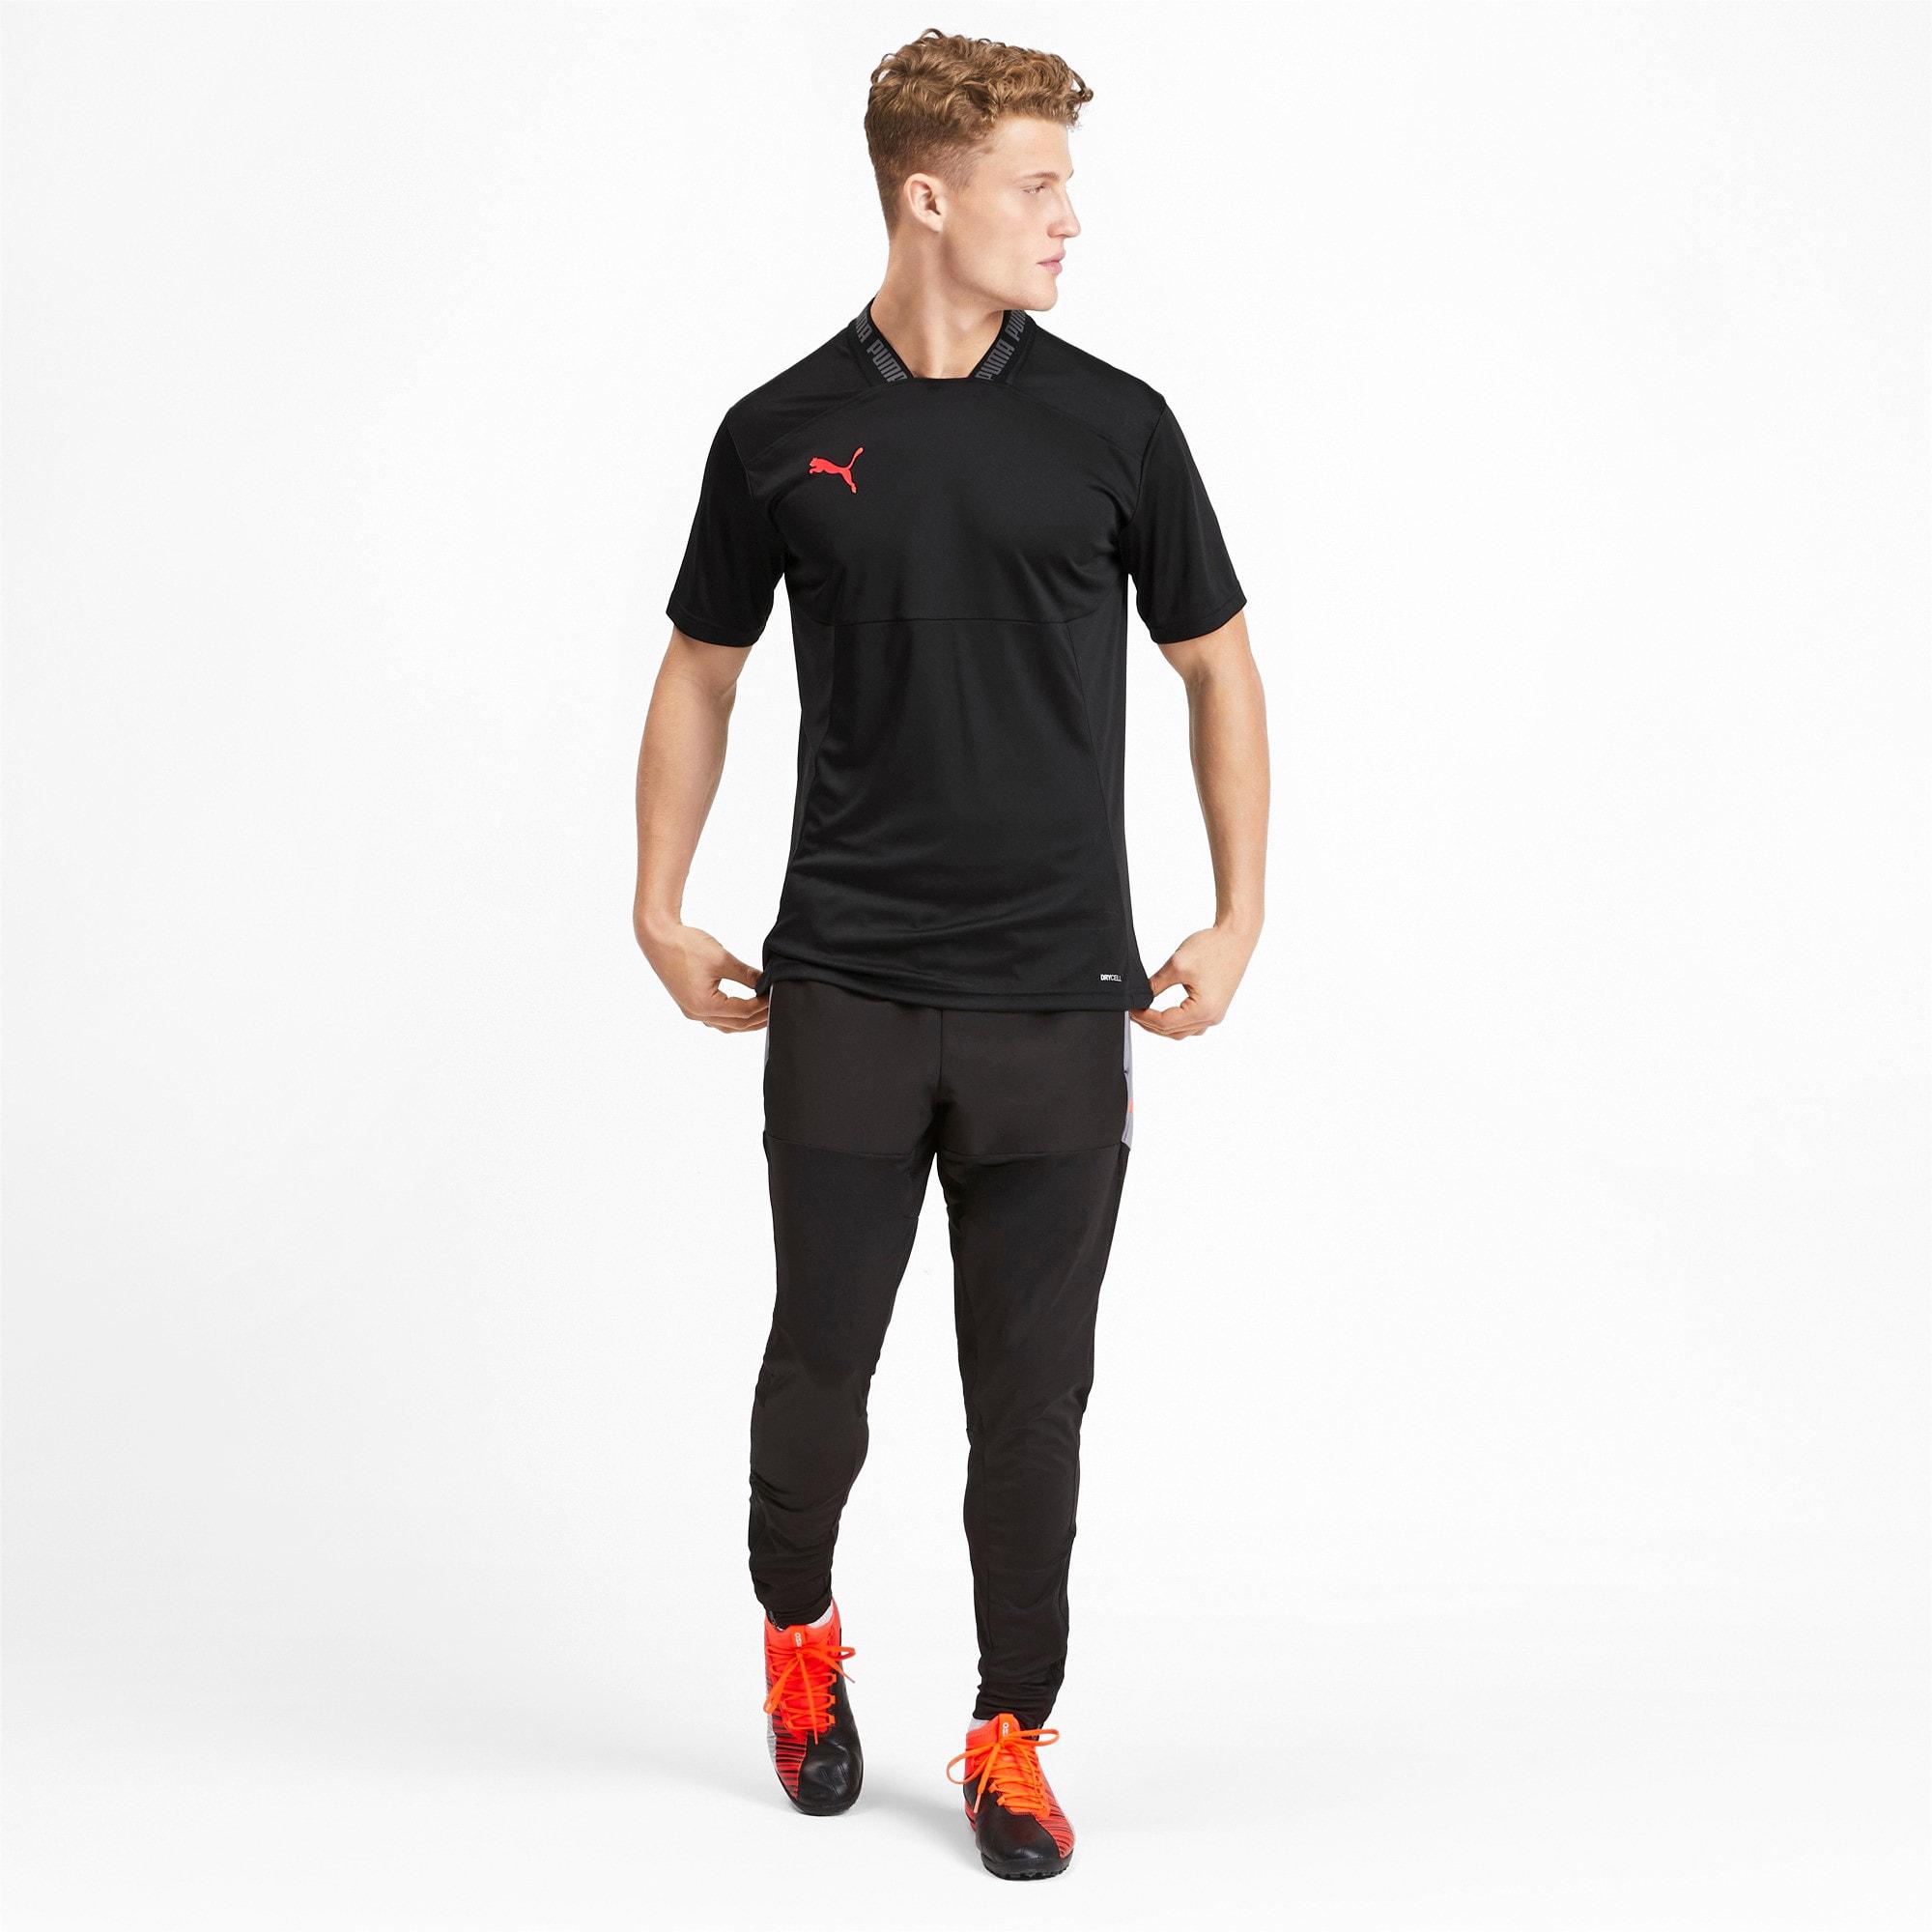 Thumbnail 3 of Colour Shift Men's Shirt, Puma Black-Nrgy Red, medium